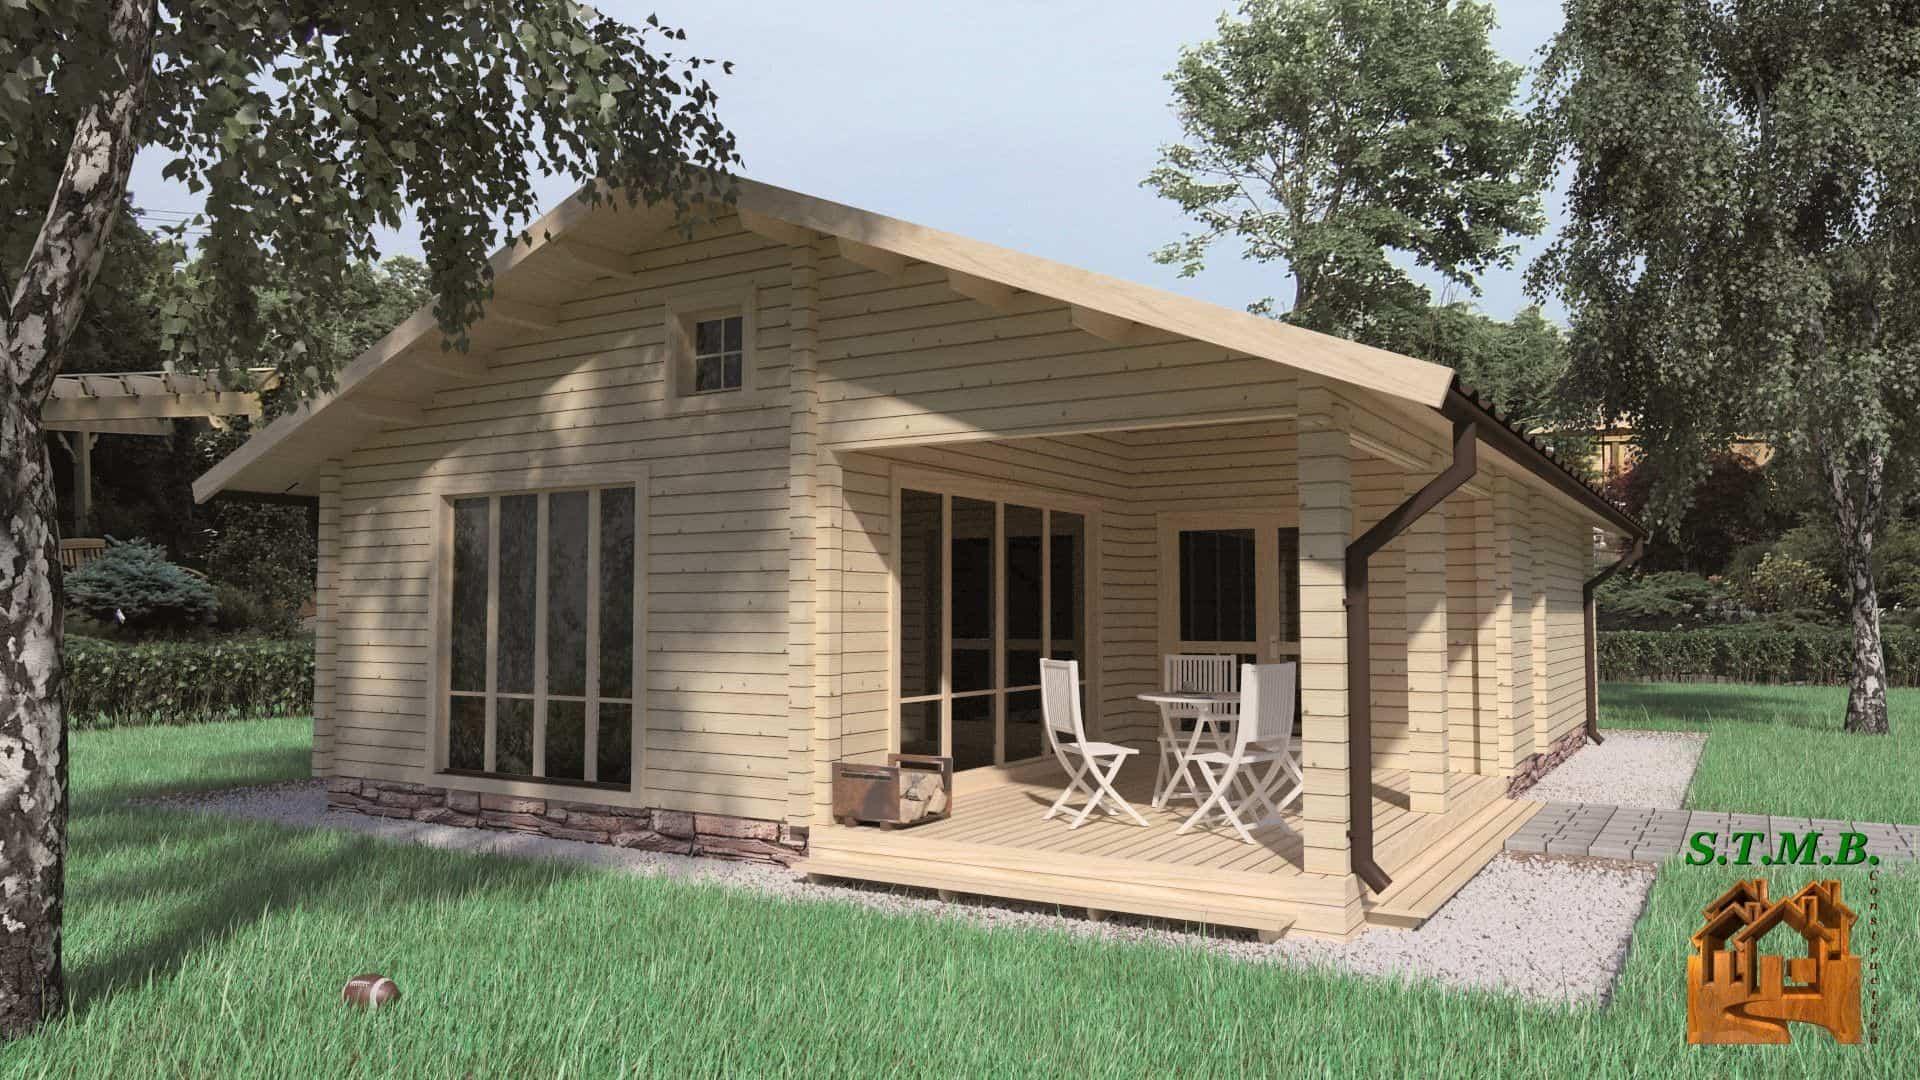 Chalet Maison Bois Kit - Le Meilleur Des Maisons Bois En Kit ... intérieur Chalet En Bois En Kit Habitable Pas Cher